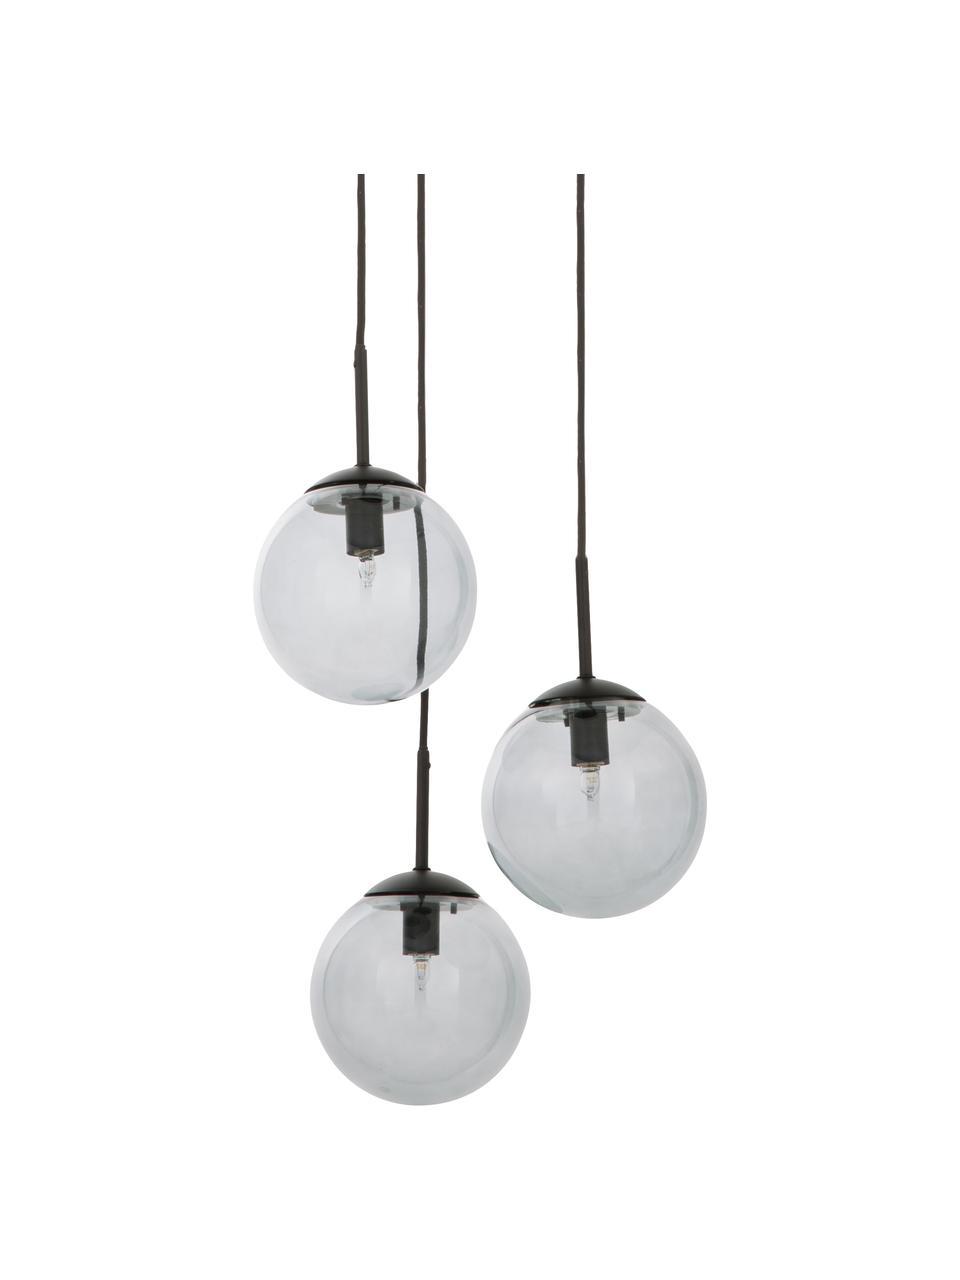 Suspension industrielle 3 lampes boules en verre Edie, Gris, noir